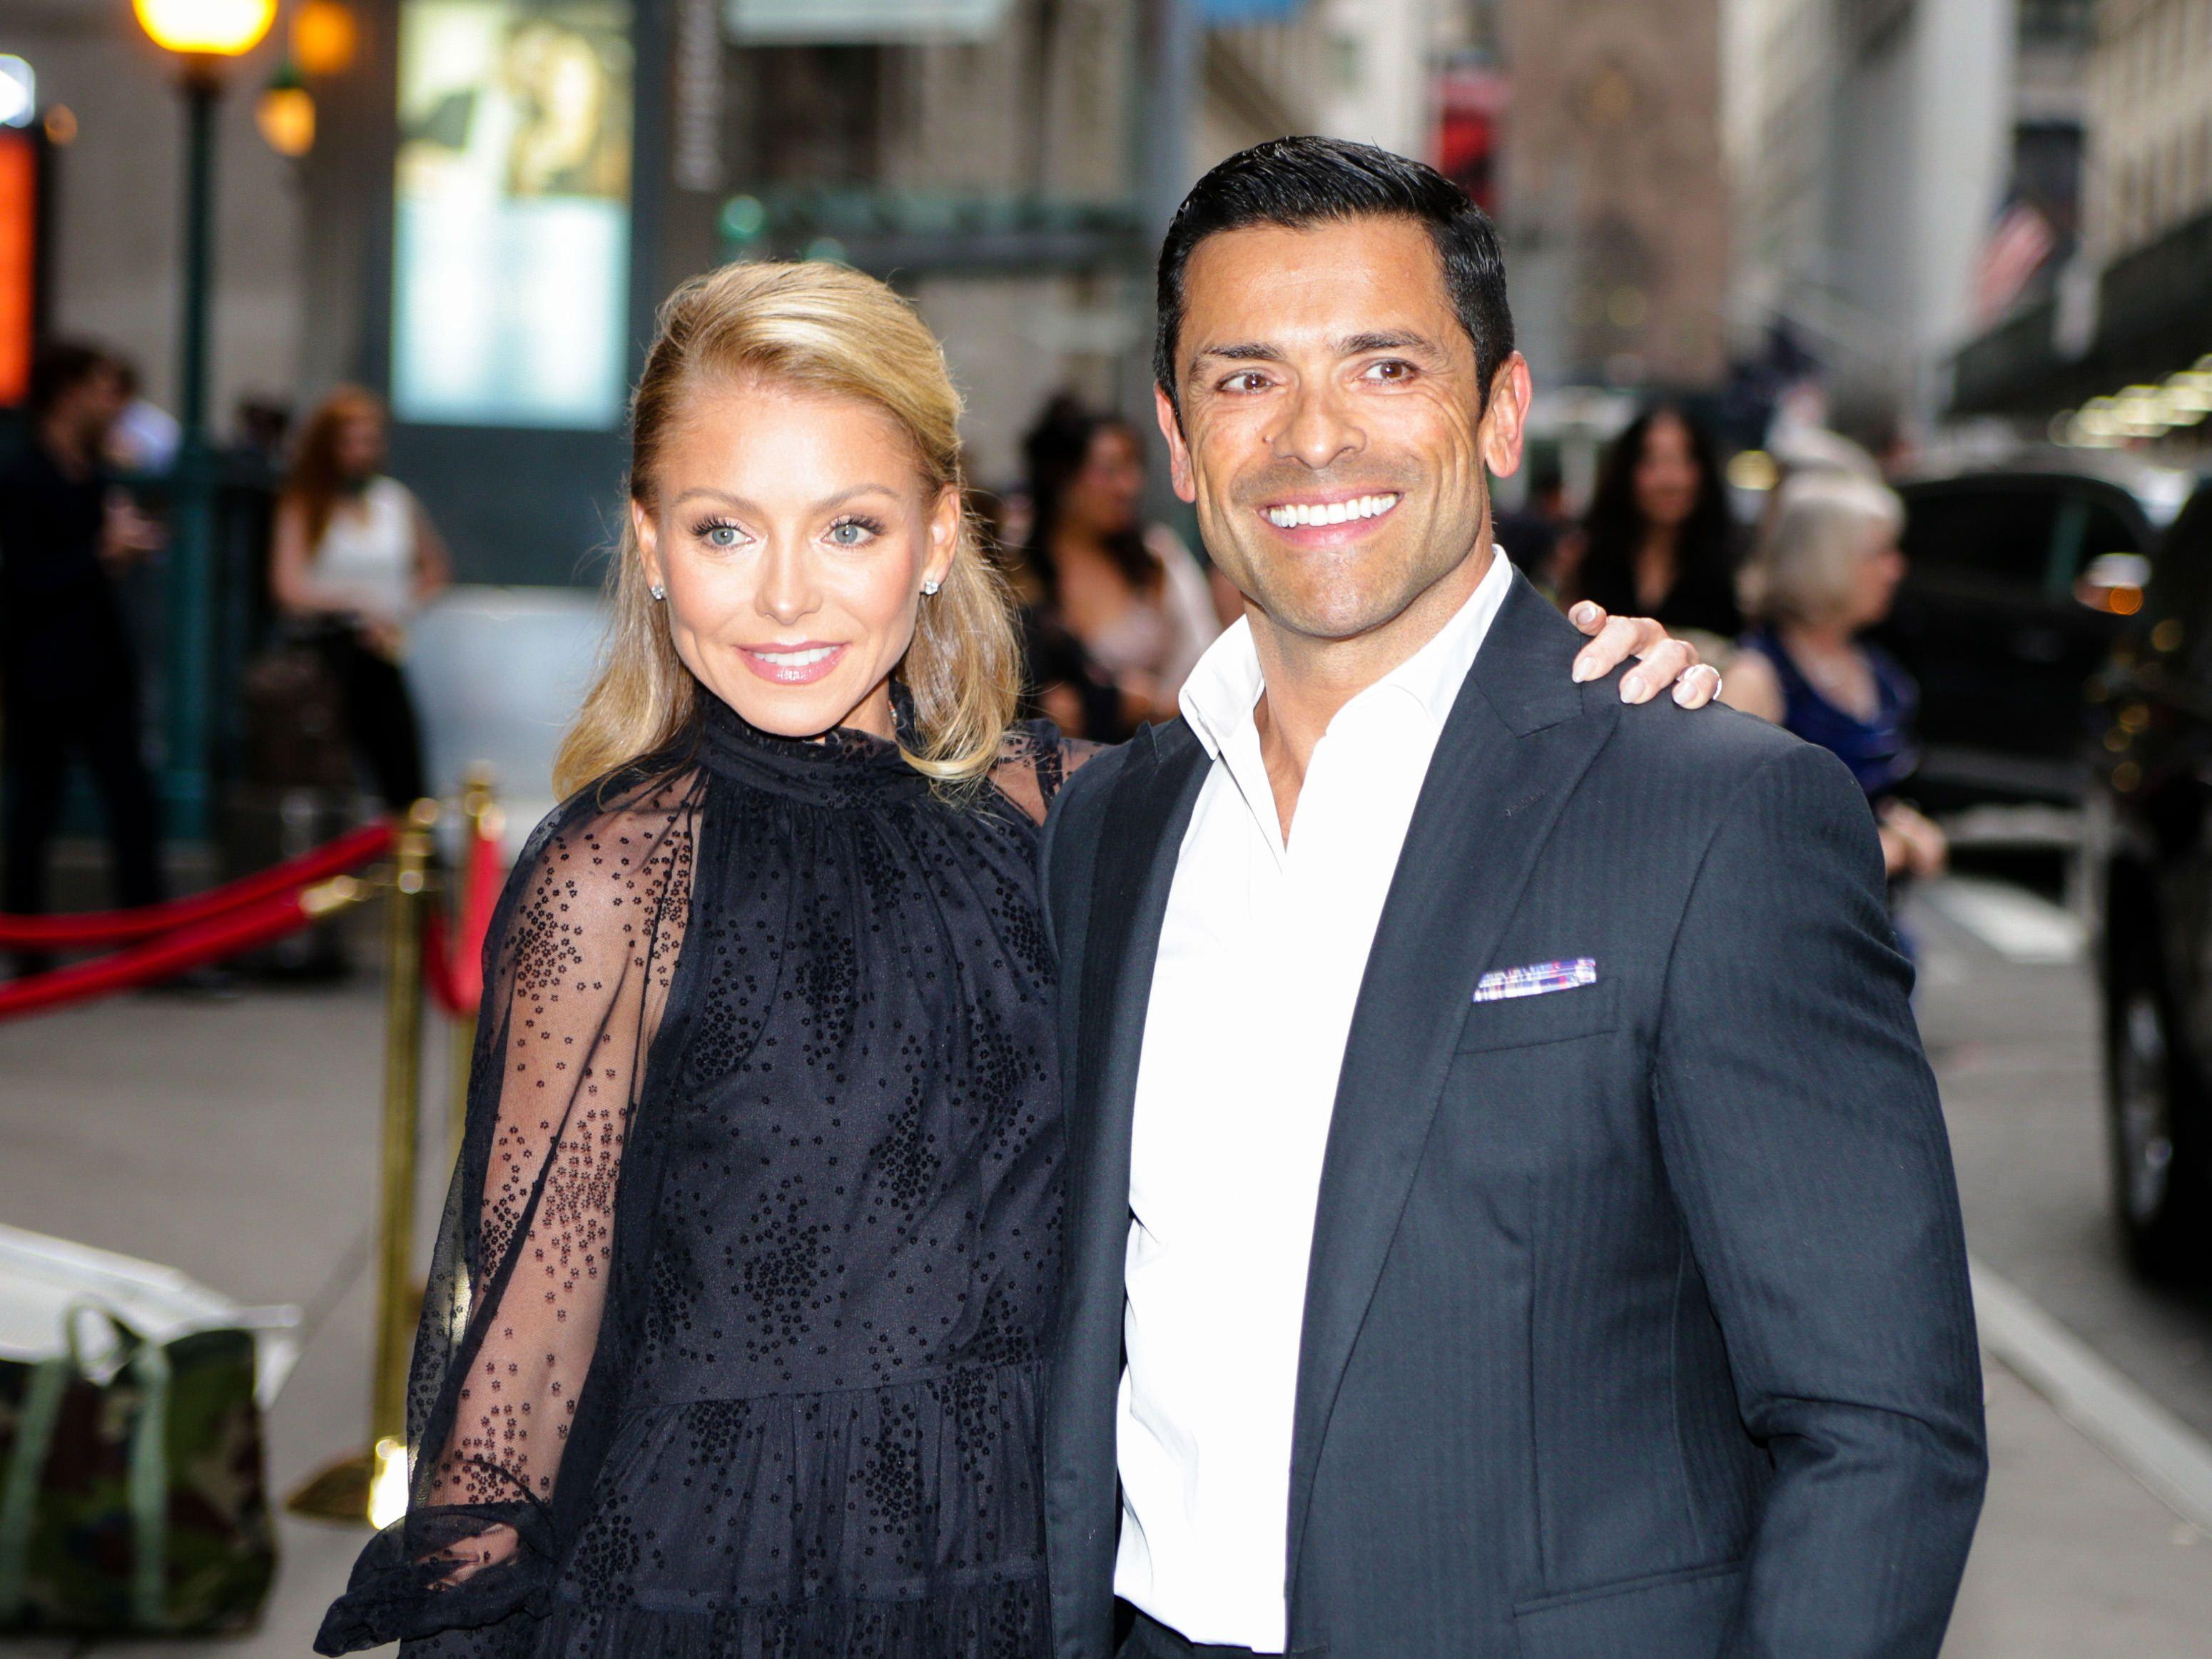 Kelly Ripa and Mark Consuelos smiling